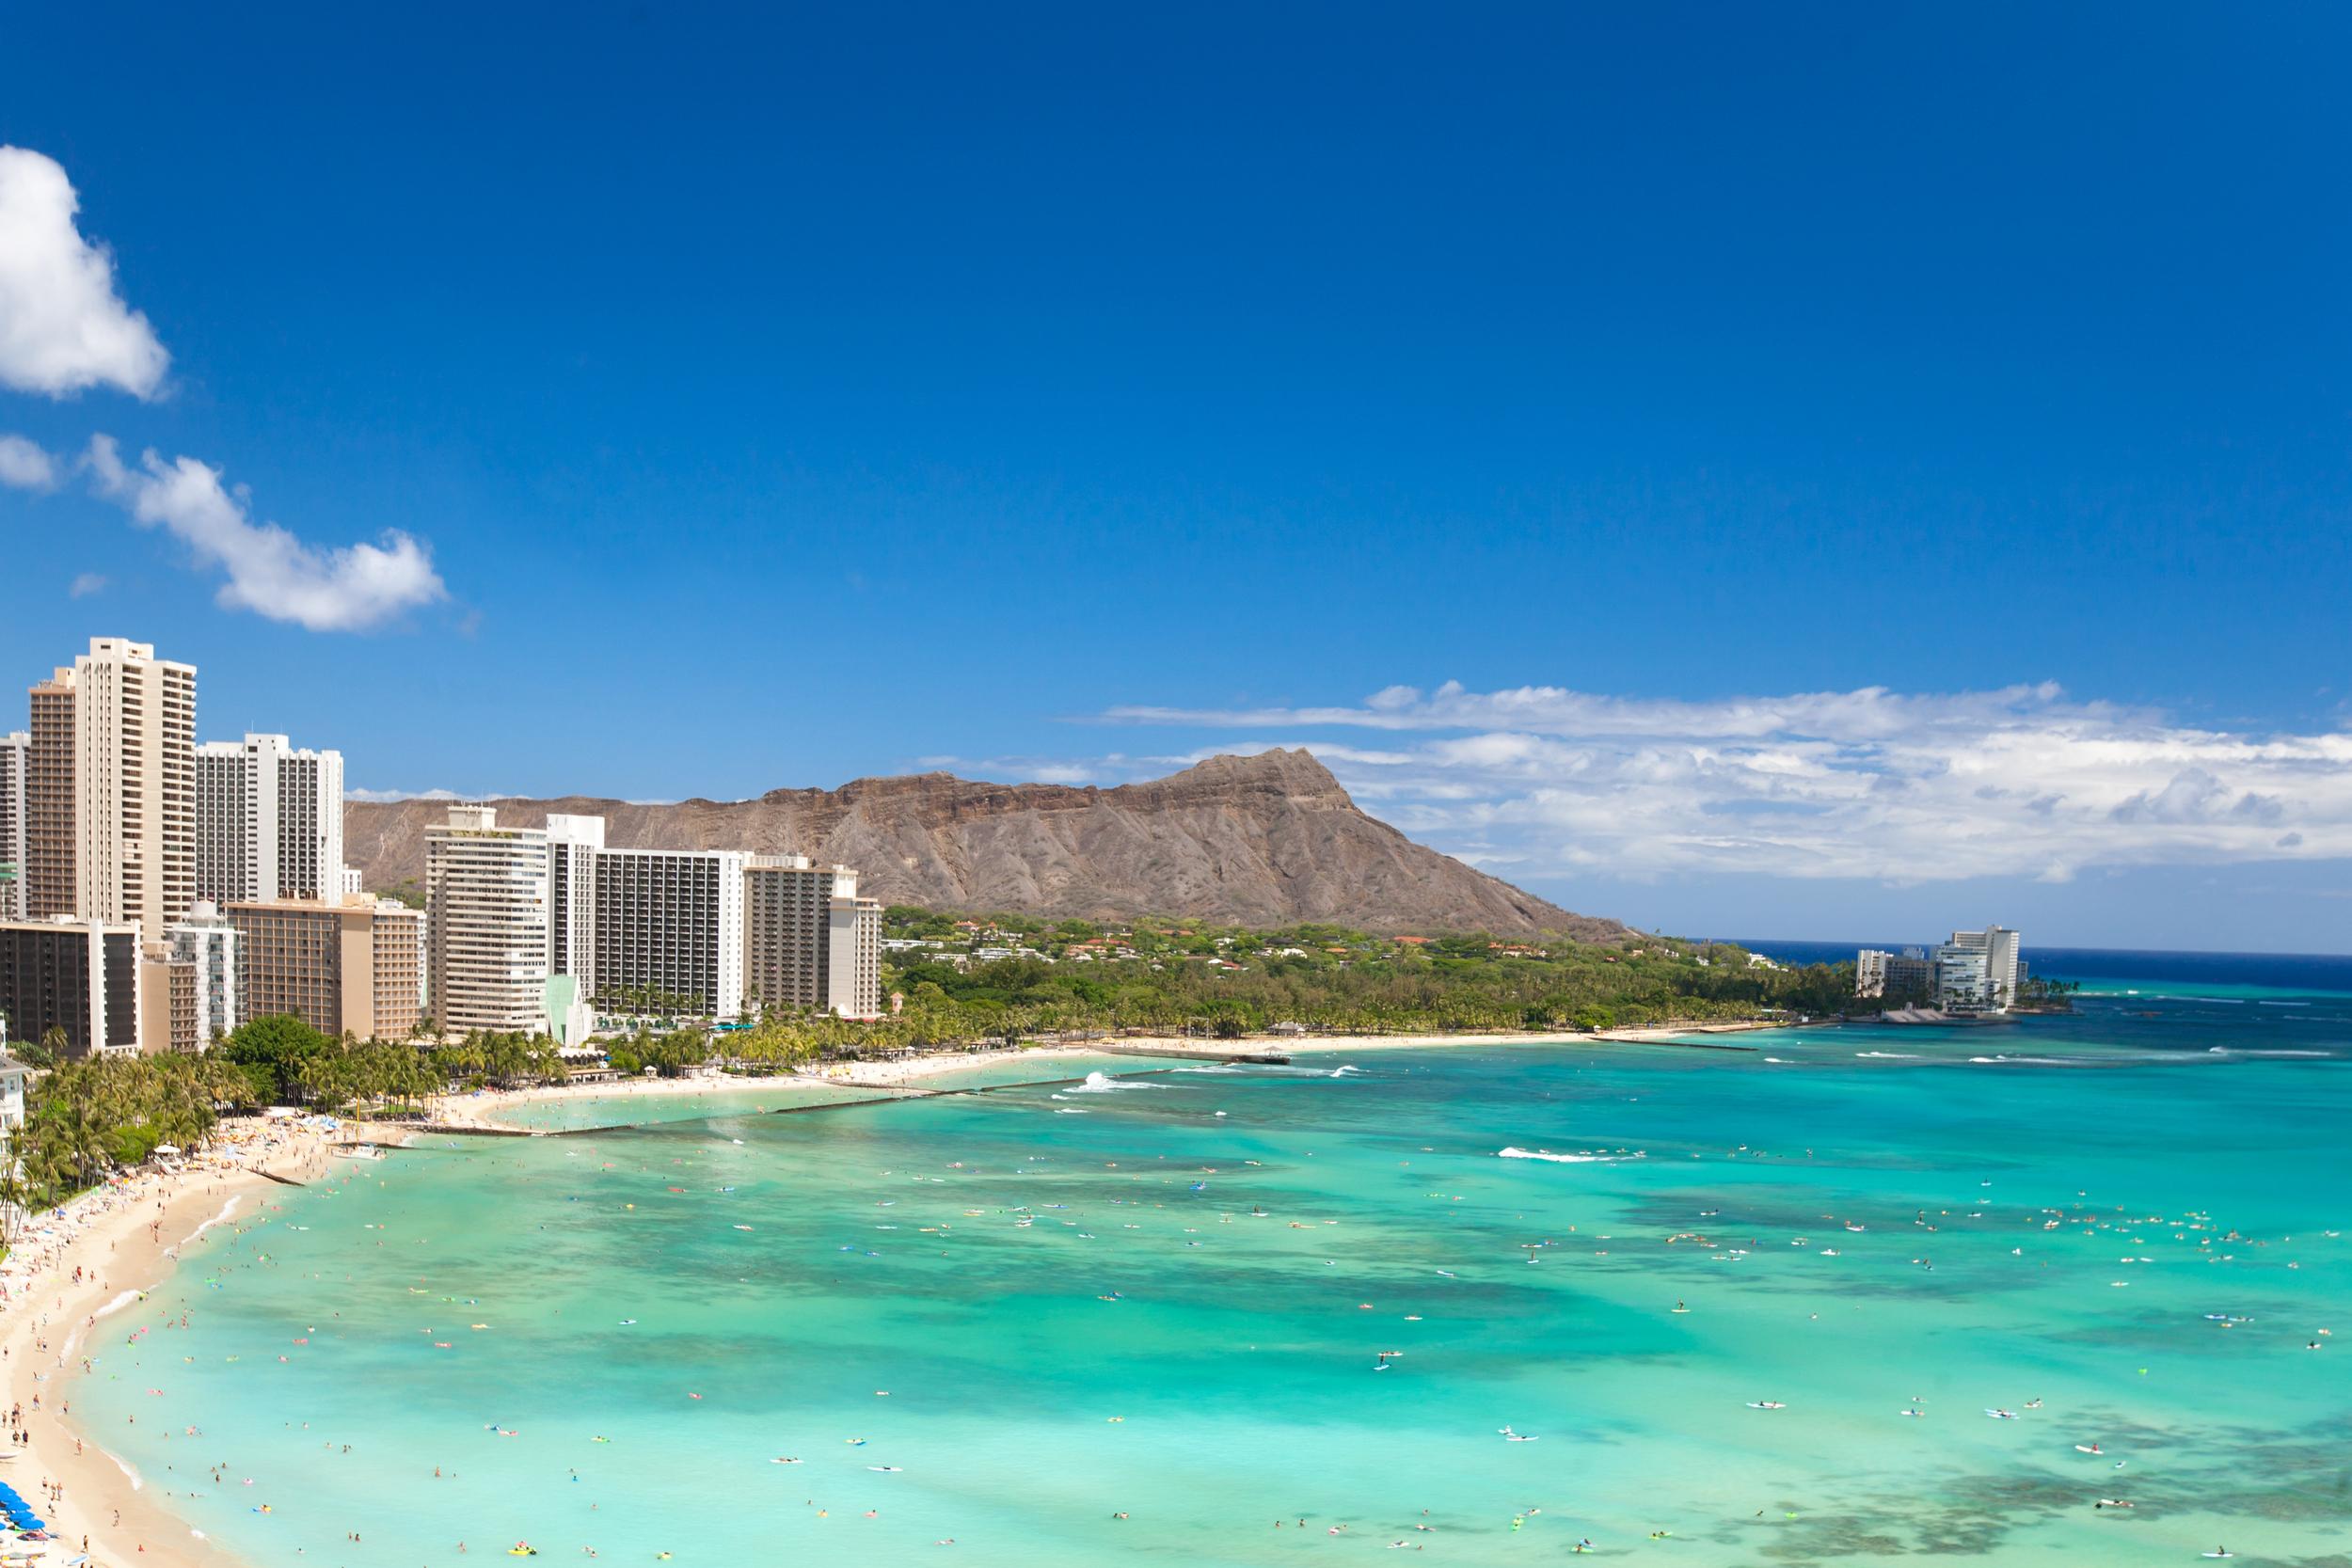 Aston Waikiki Beach Hotel, O'ahu, Hawaii